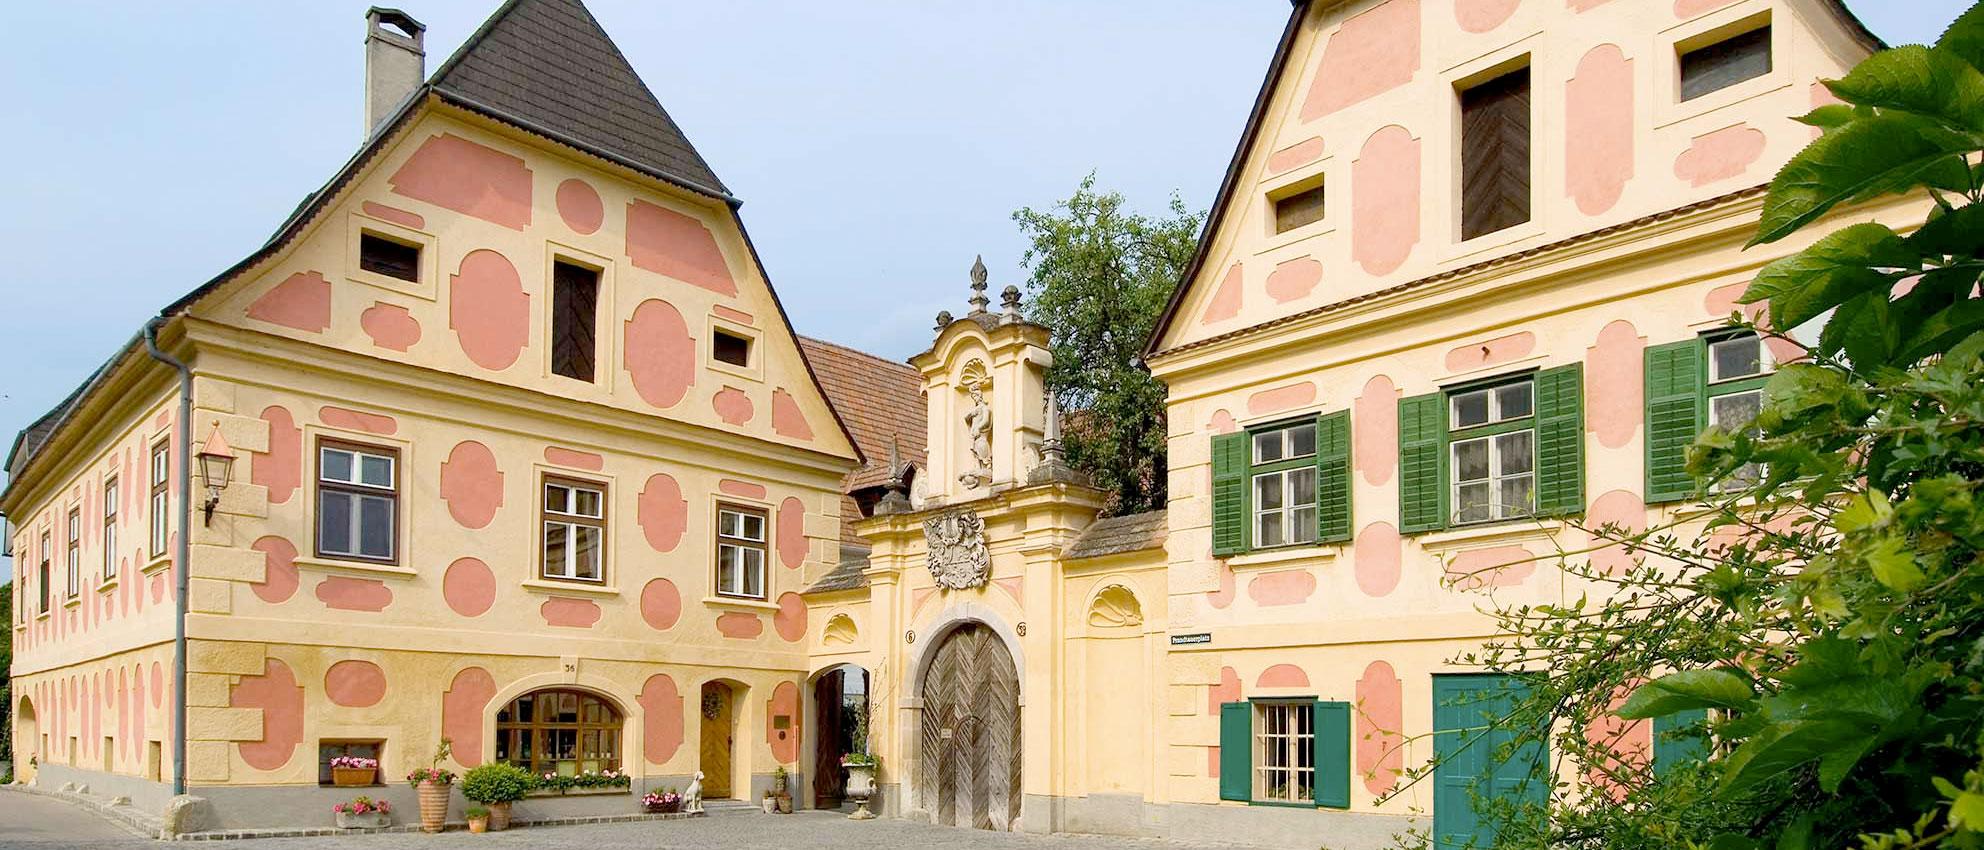 Weingut Holzapfel Prandtauerhof